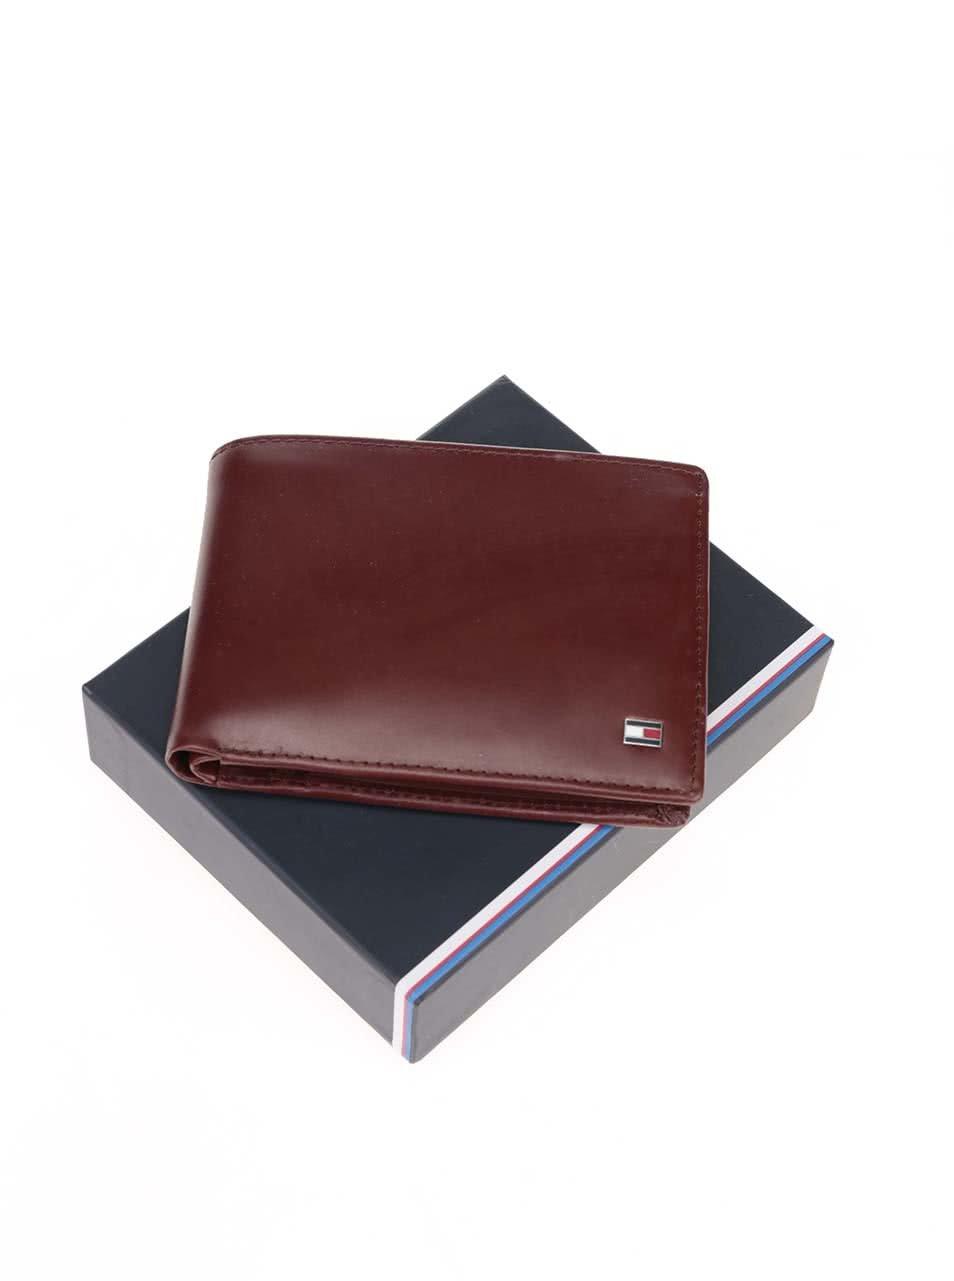 Hnedá pánska kožená peňaženka Tommy Hilfiger Formal ... 1f3101d01e3